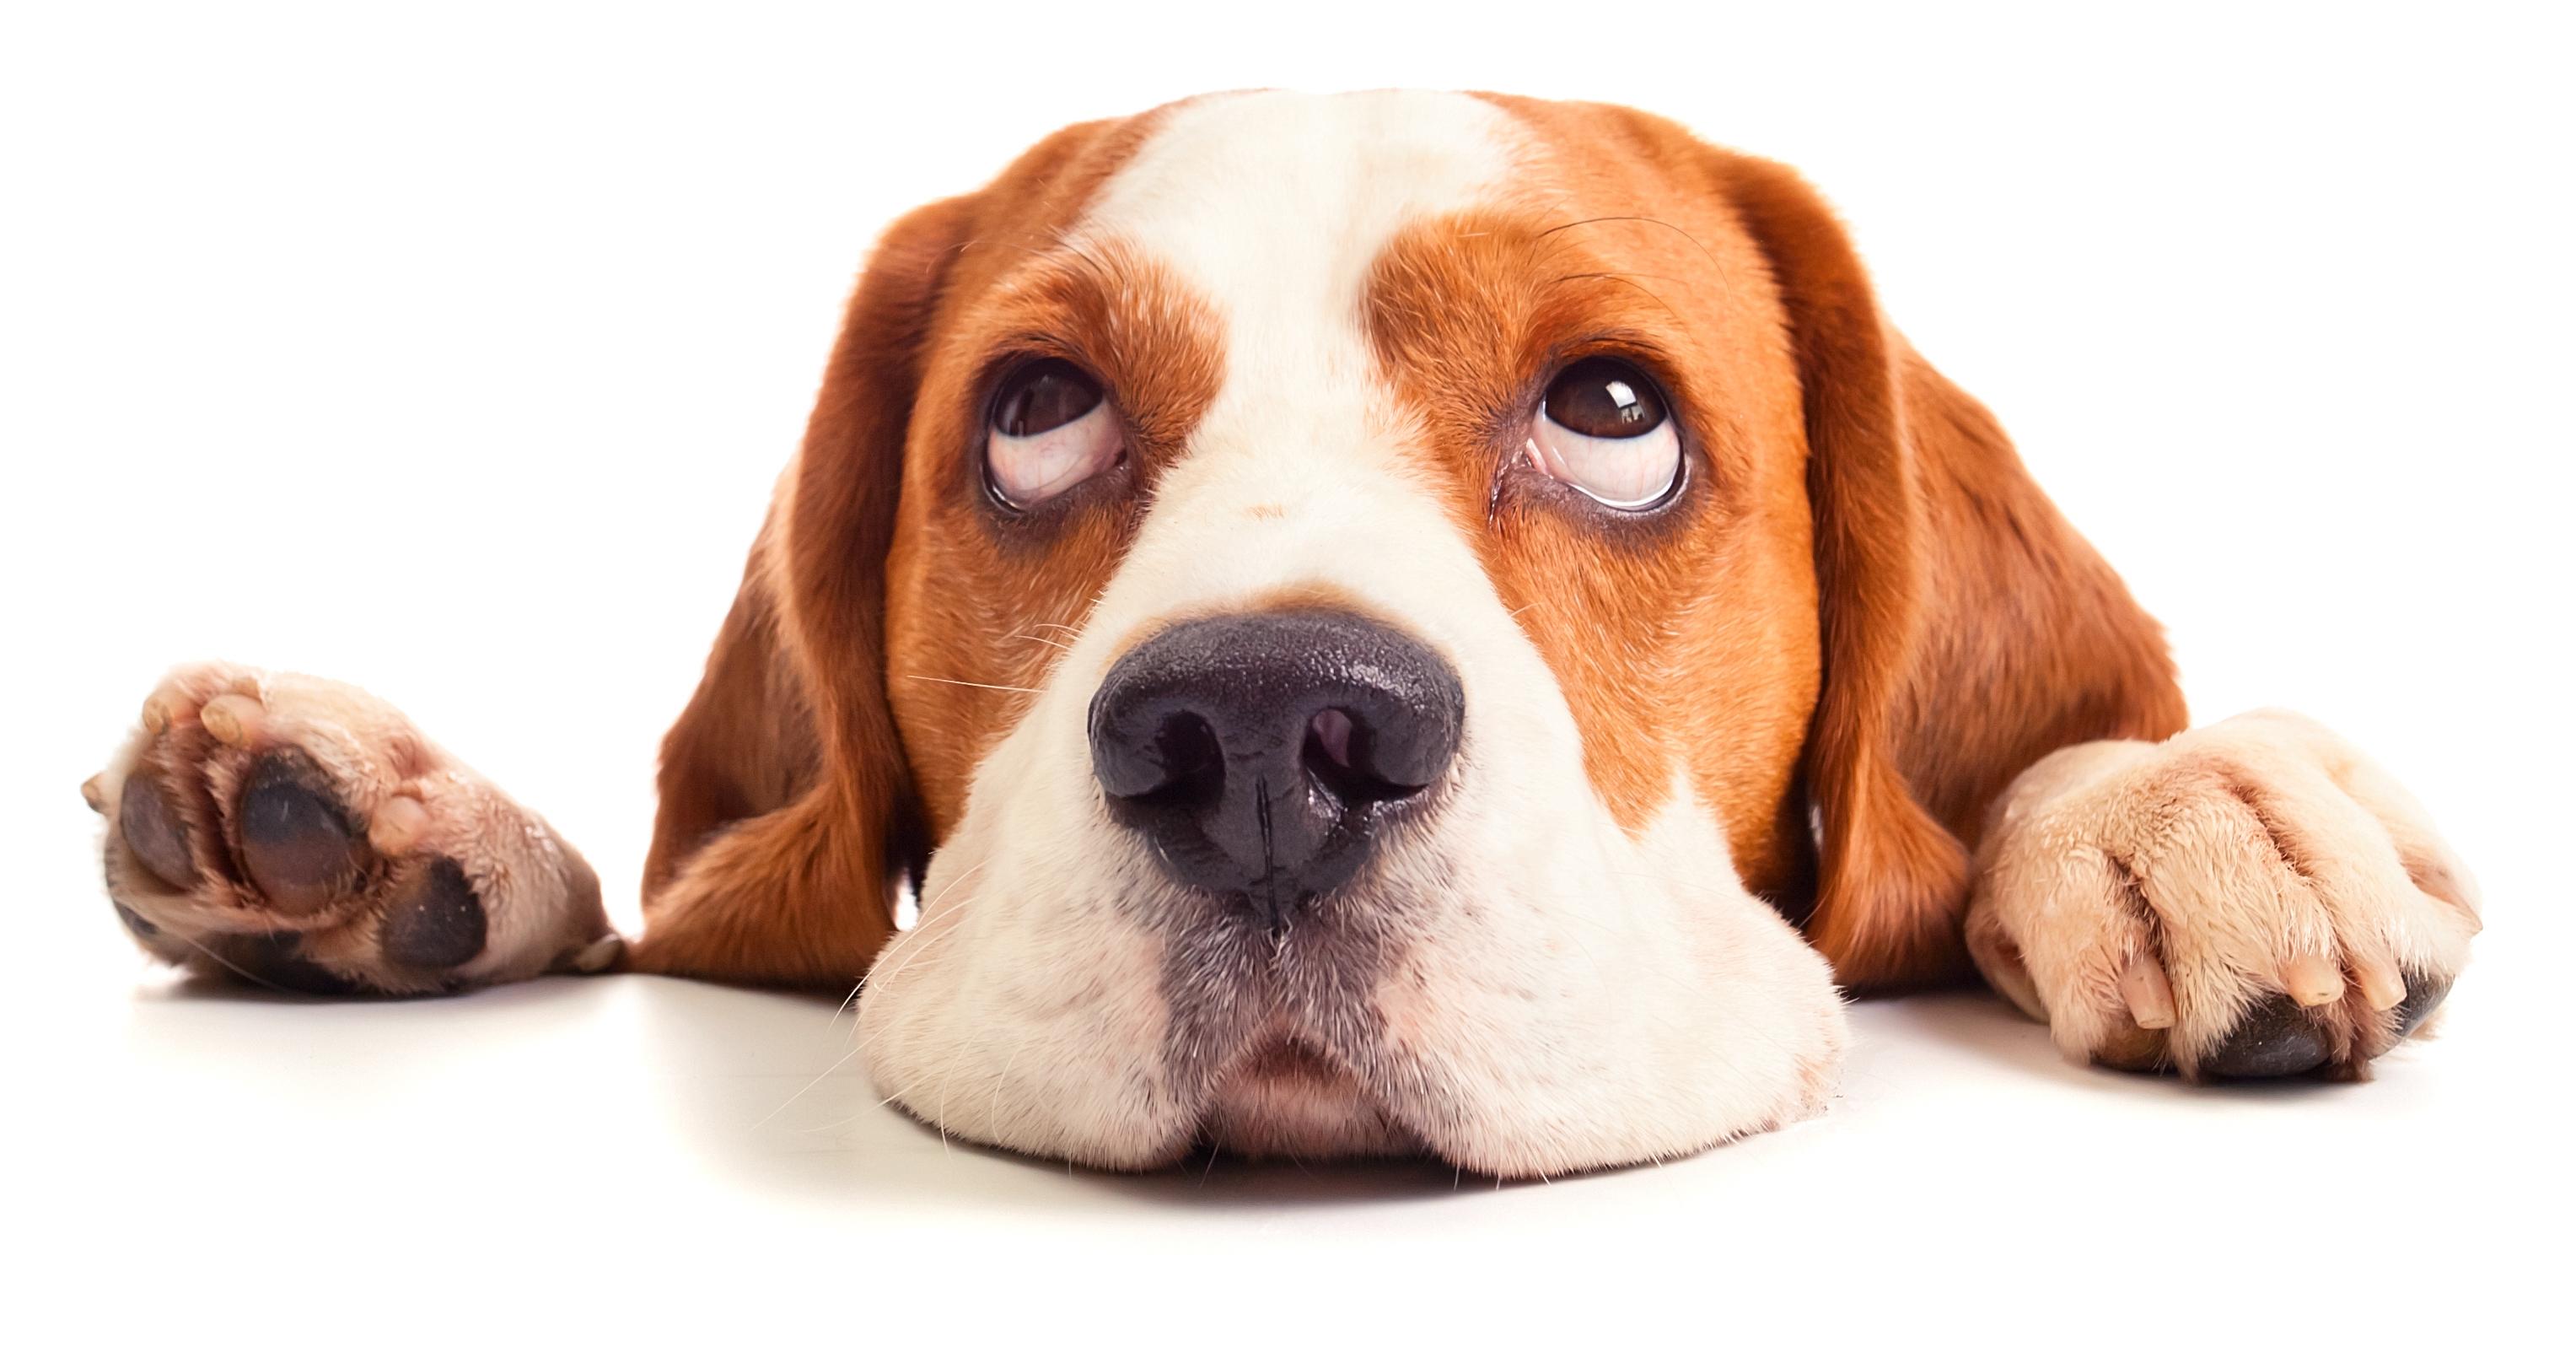 dog rolling eyes